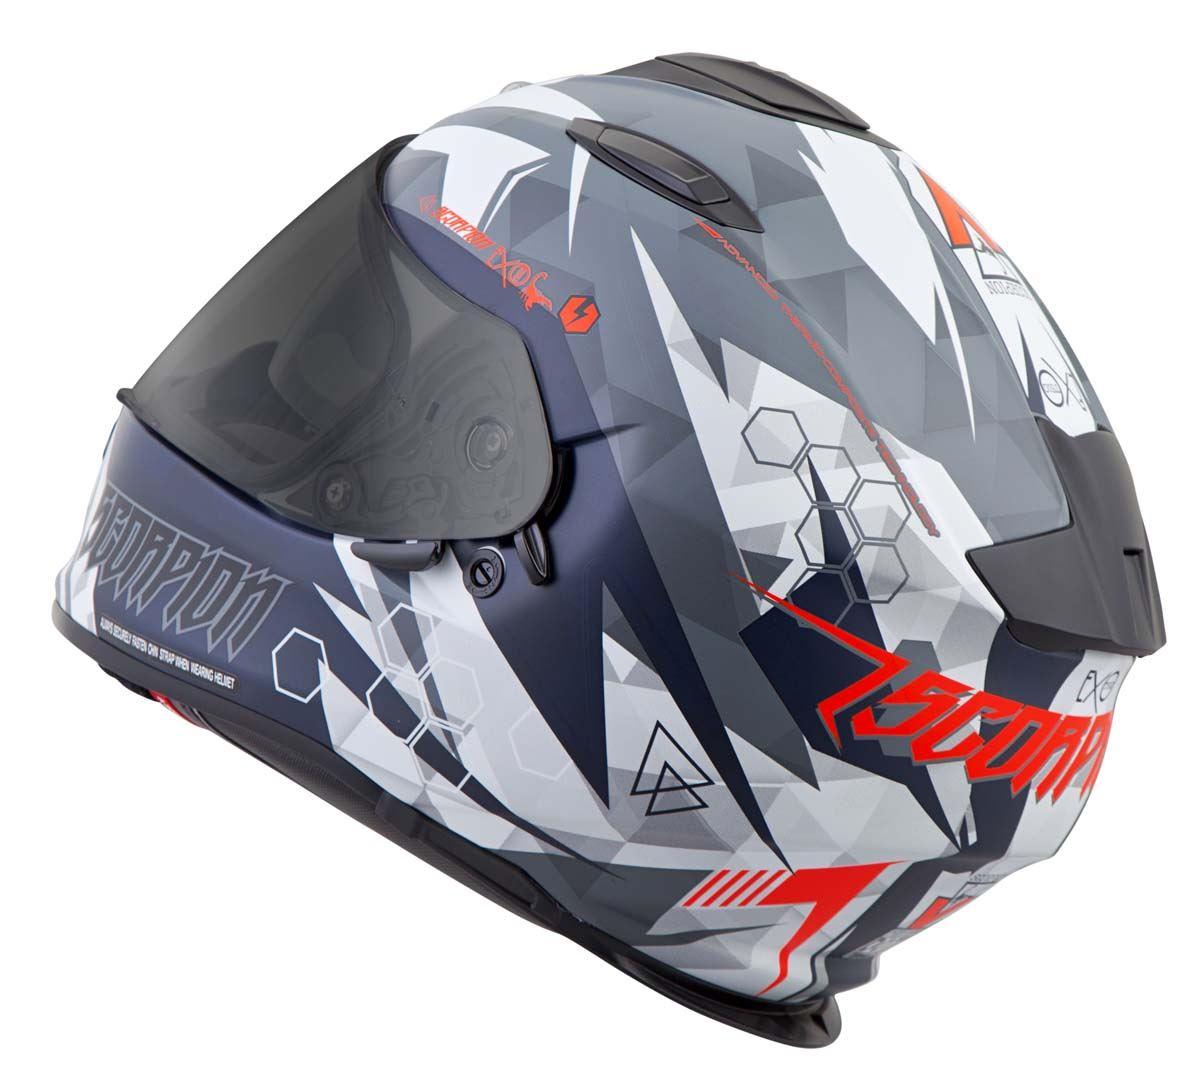 Scorpion-EXO-T510-Helmet-Full-Face-DOT-Approved-Inner-Sun-Shield miniature 53